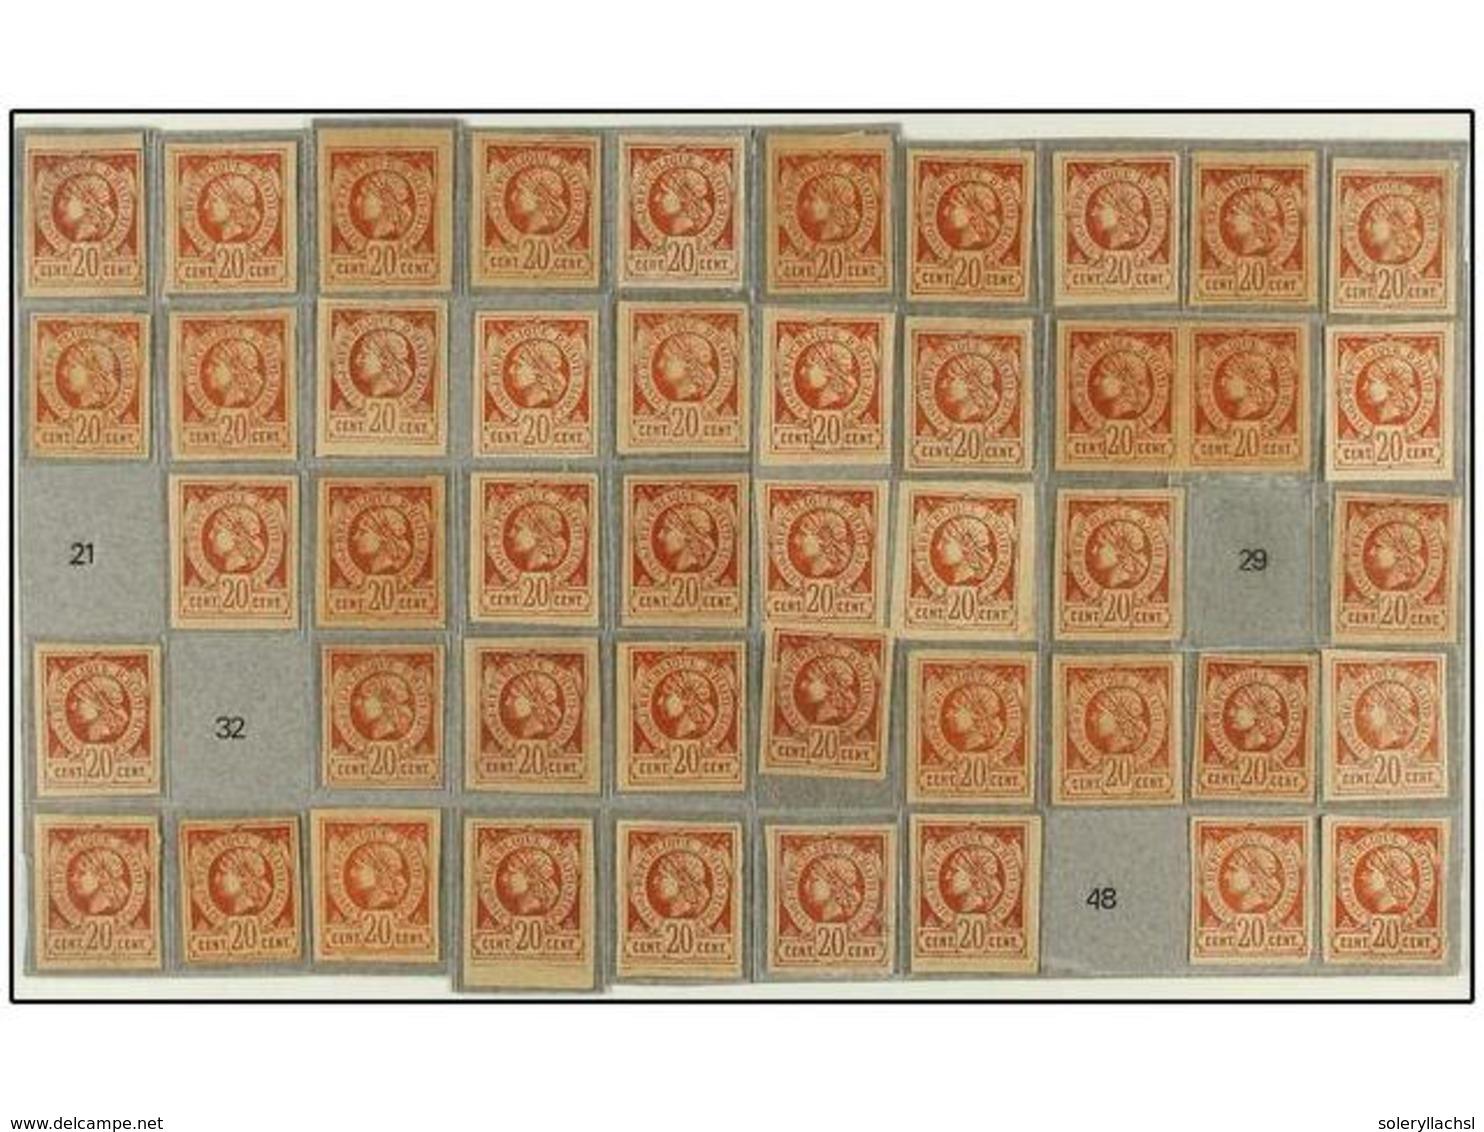 * HAITI. Sc.6. 1881. 20 Cents. Castaño Rojo. Proyecto De Reconstrucción De Plancha Con 47 De Los 50 Tipos Existentes. Ex - Stamps